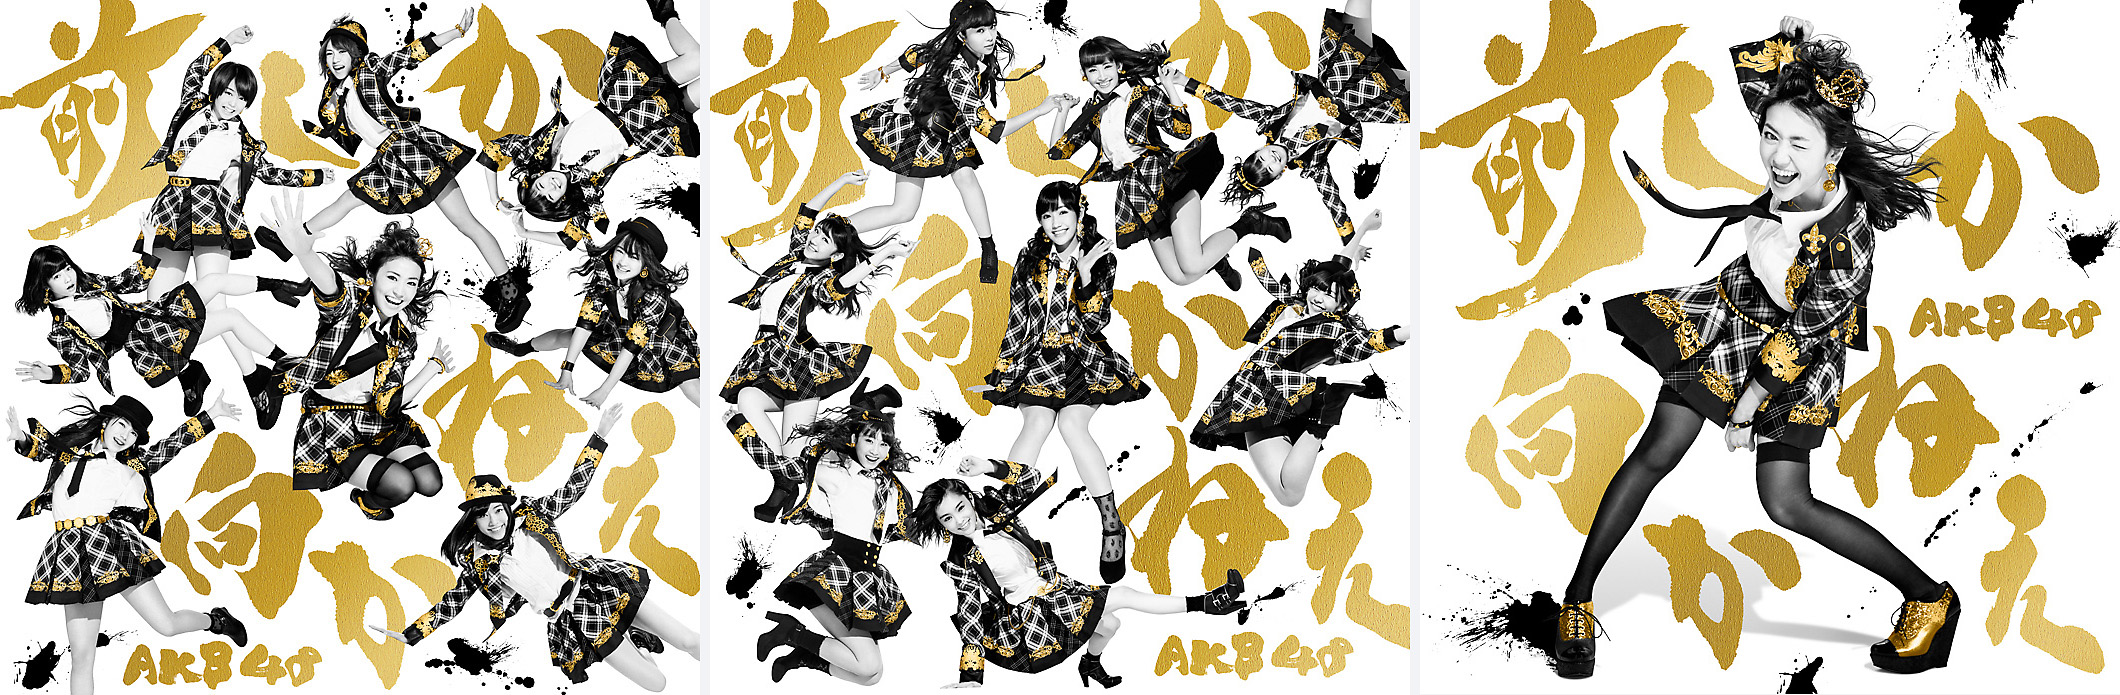 AKB48「前しか向かねえ」MV解禁...